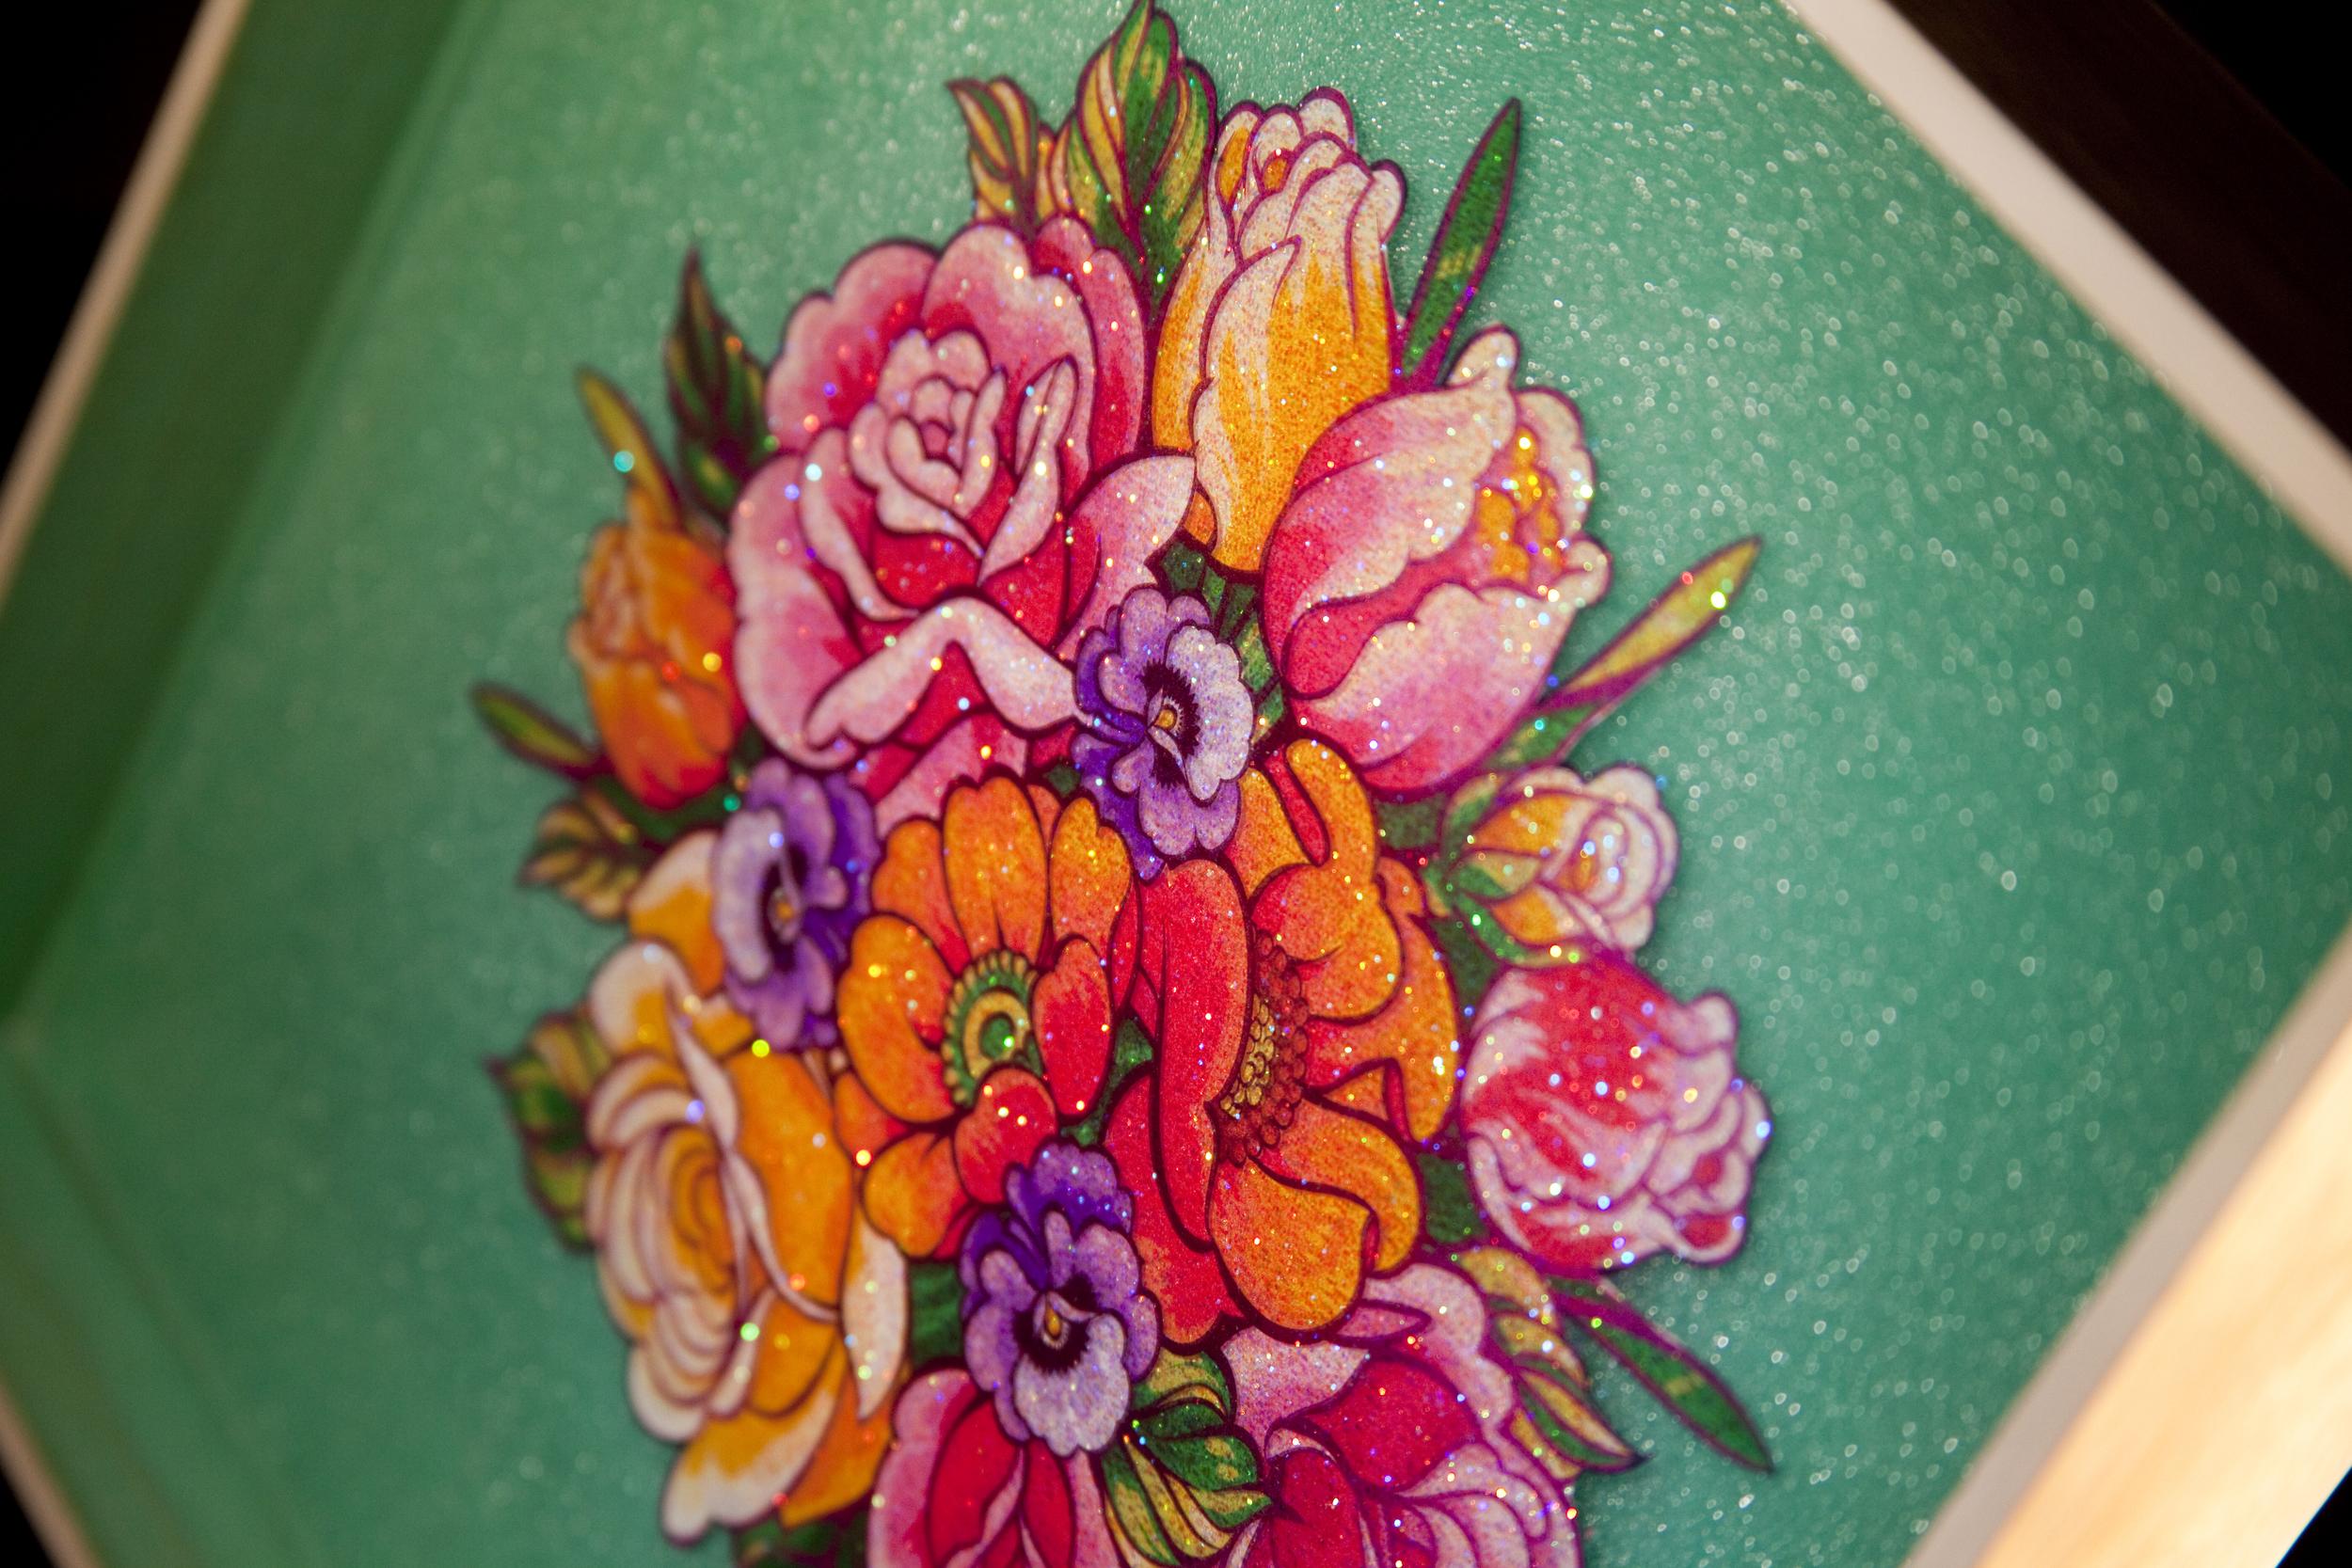 flower tray artsy 1.jpg